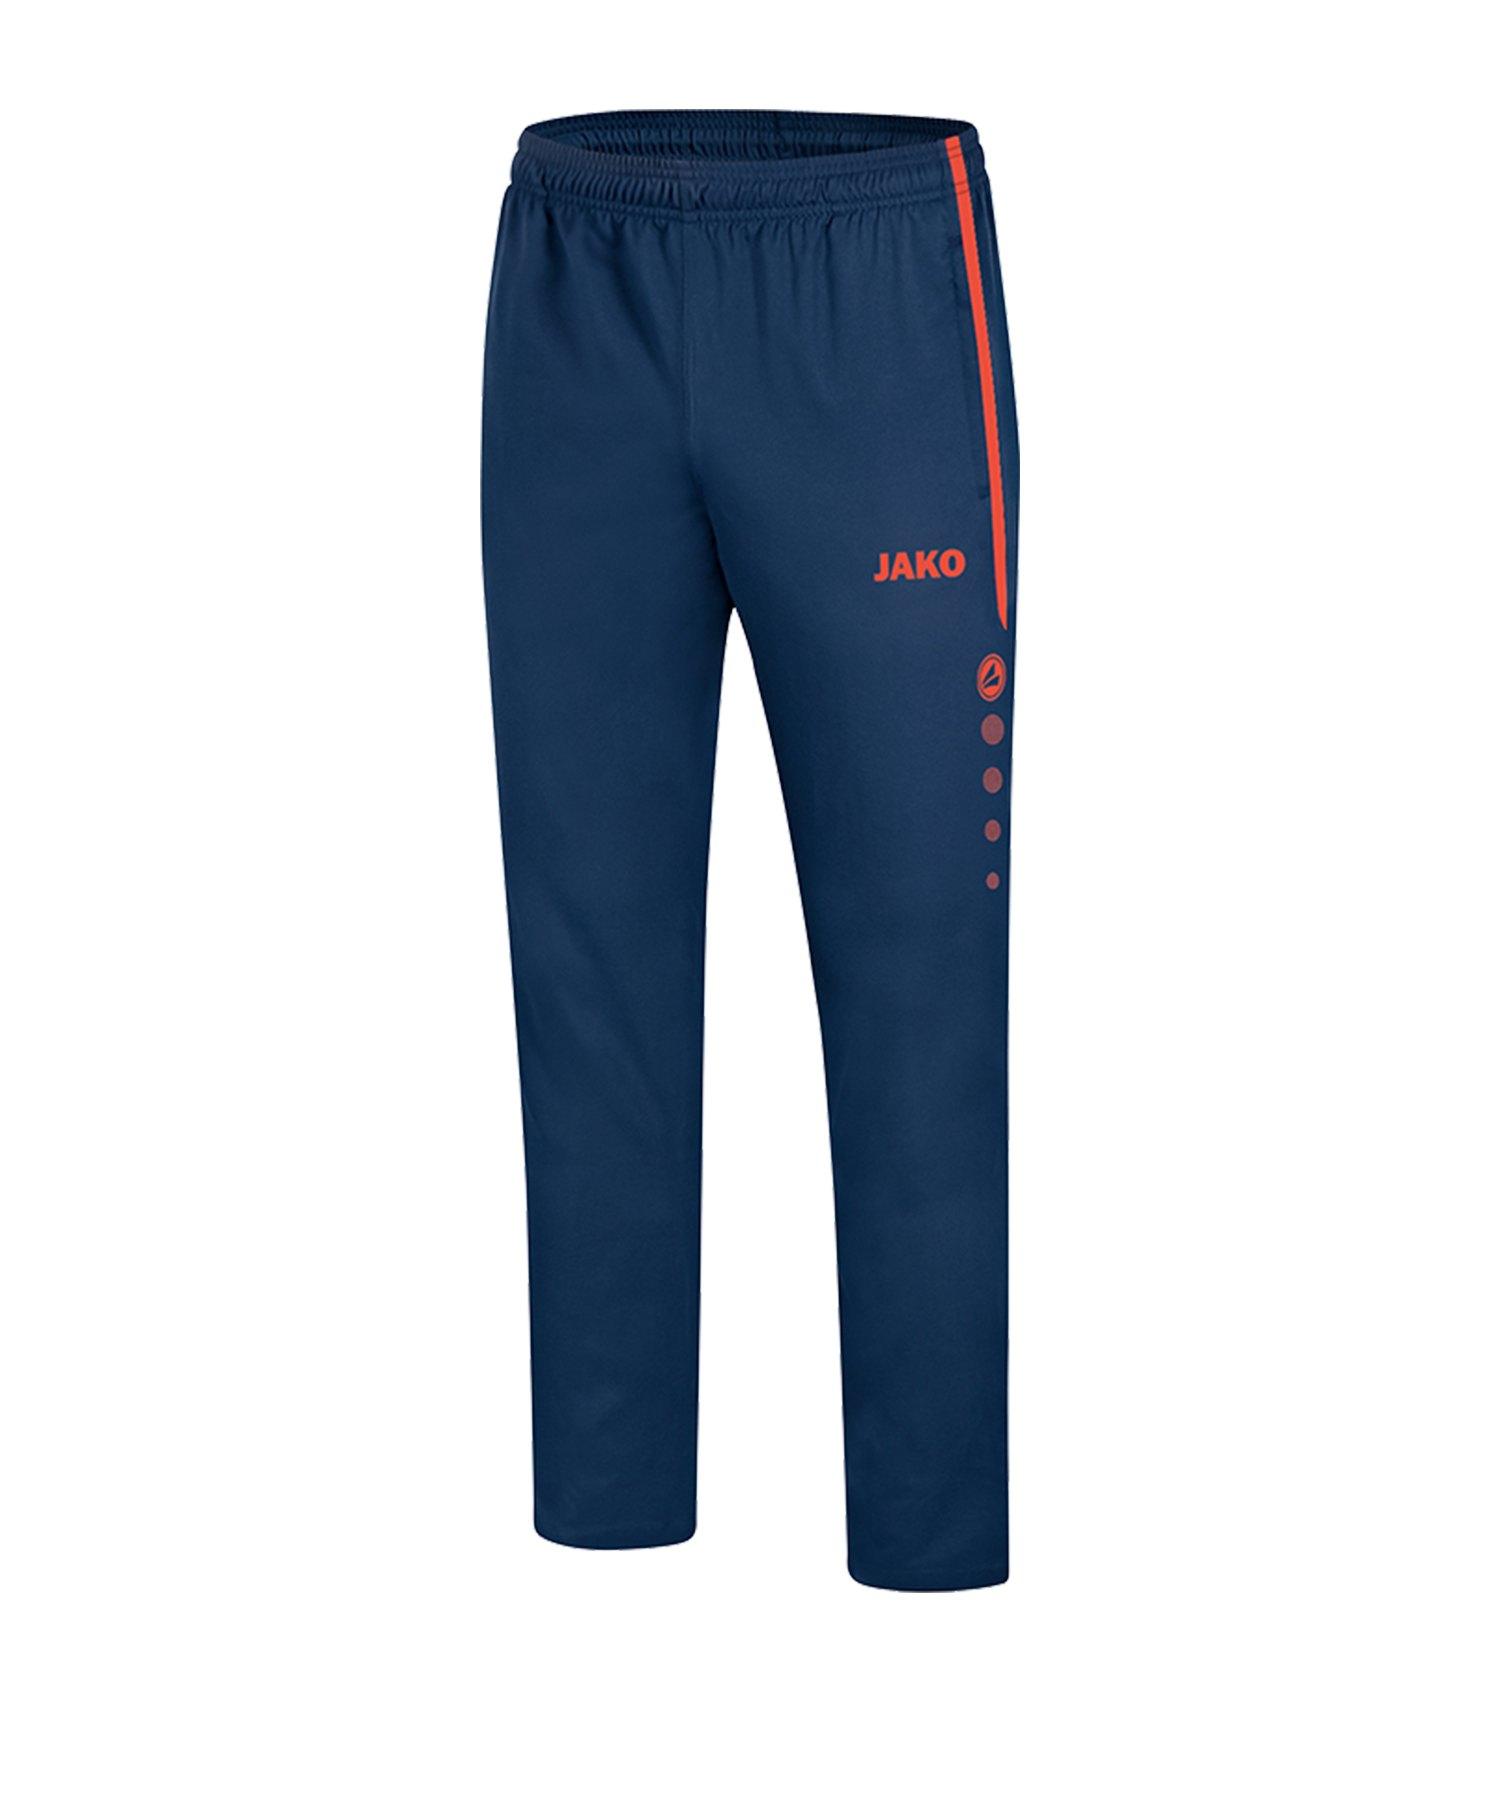 Jako Striker 2.0 Präsentationshose Blau Orange F18 - Blau